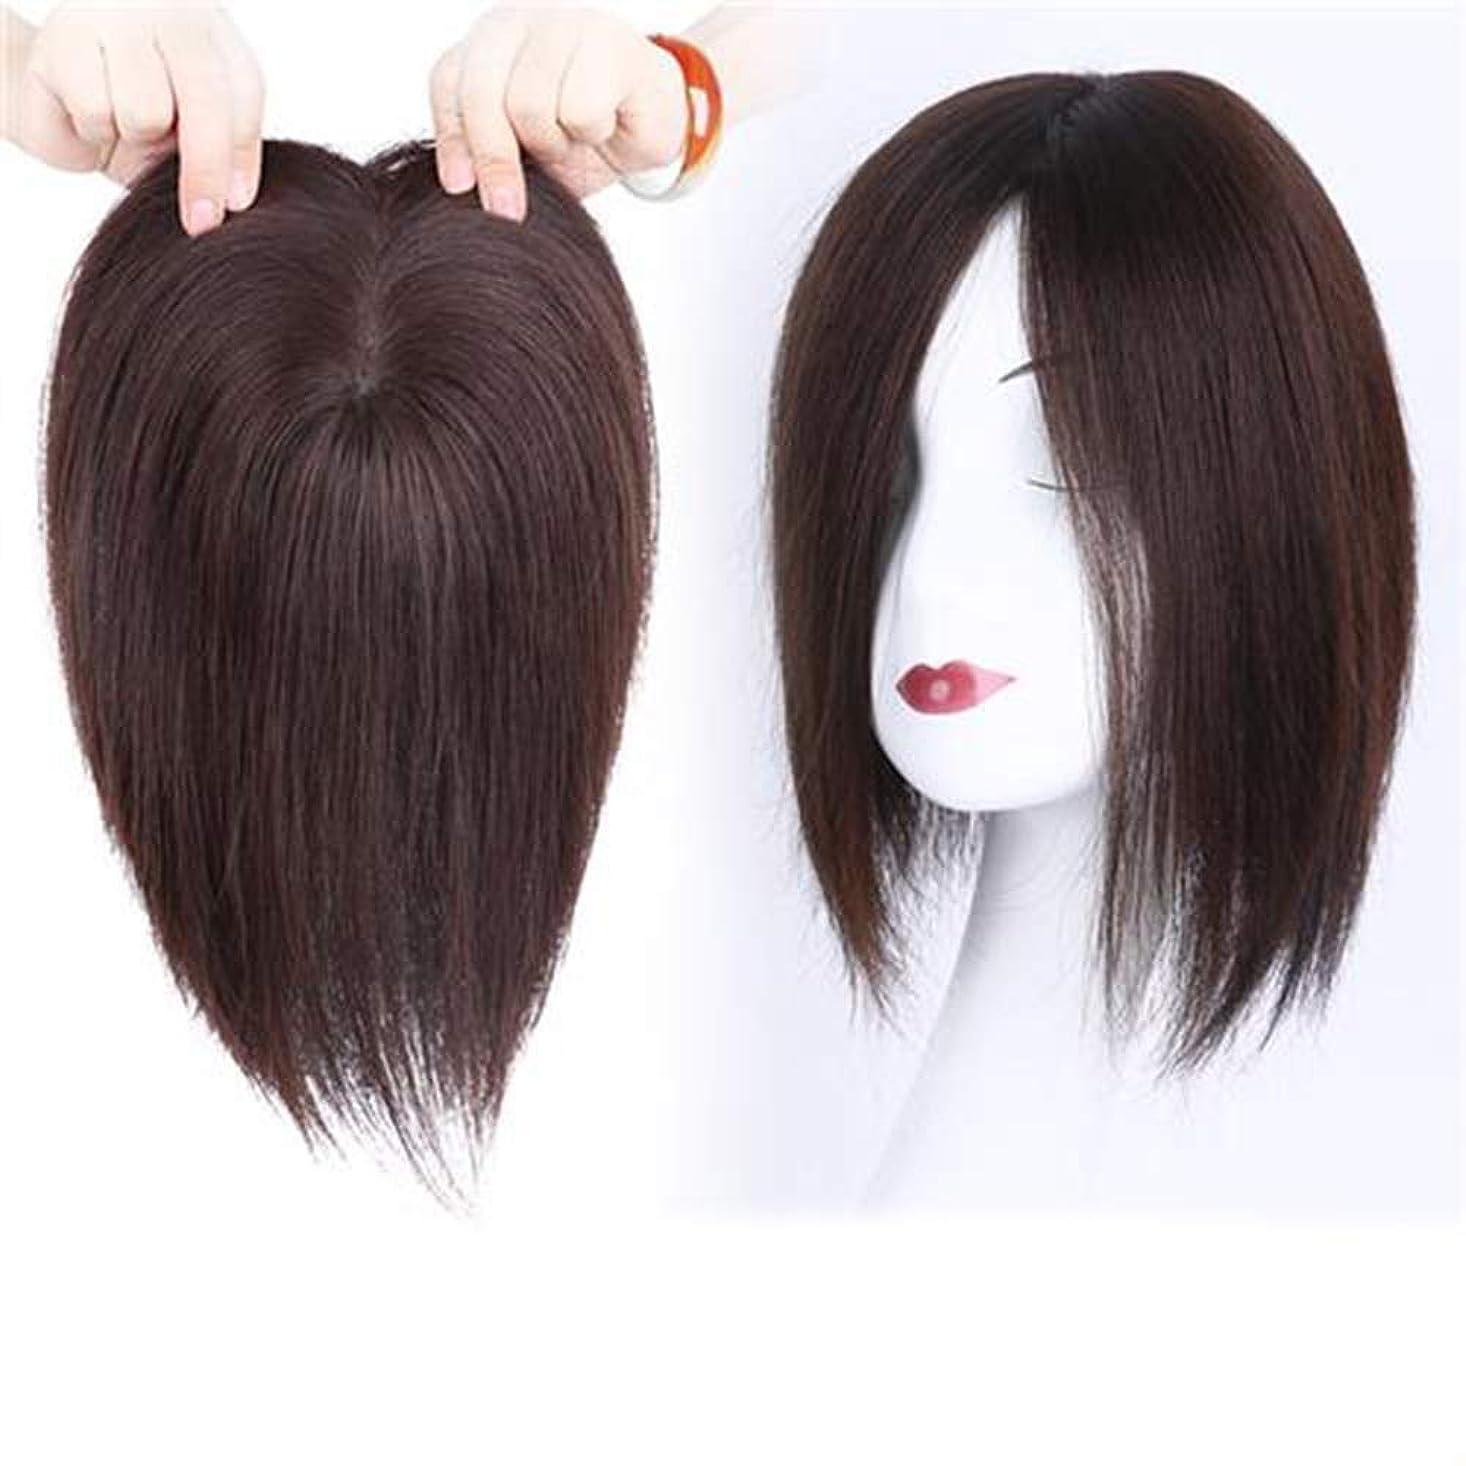 地球分注するピアノBOBIDYEE 手織りのリアルヘアストレートヘアエクステンション薄い女性のかつらファッションかつら (色 : Natural color, サイズ : 35cm)